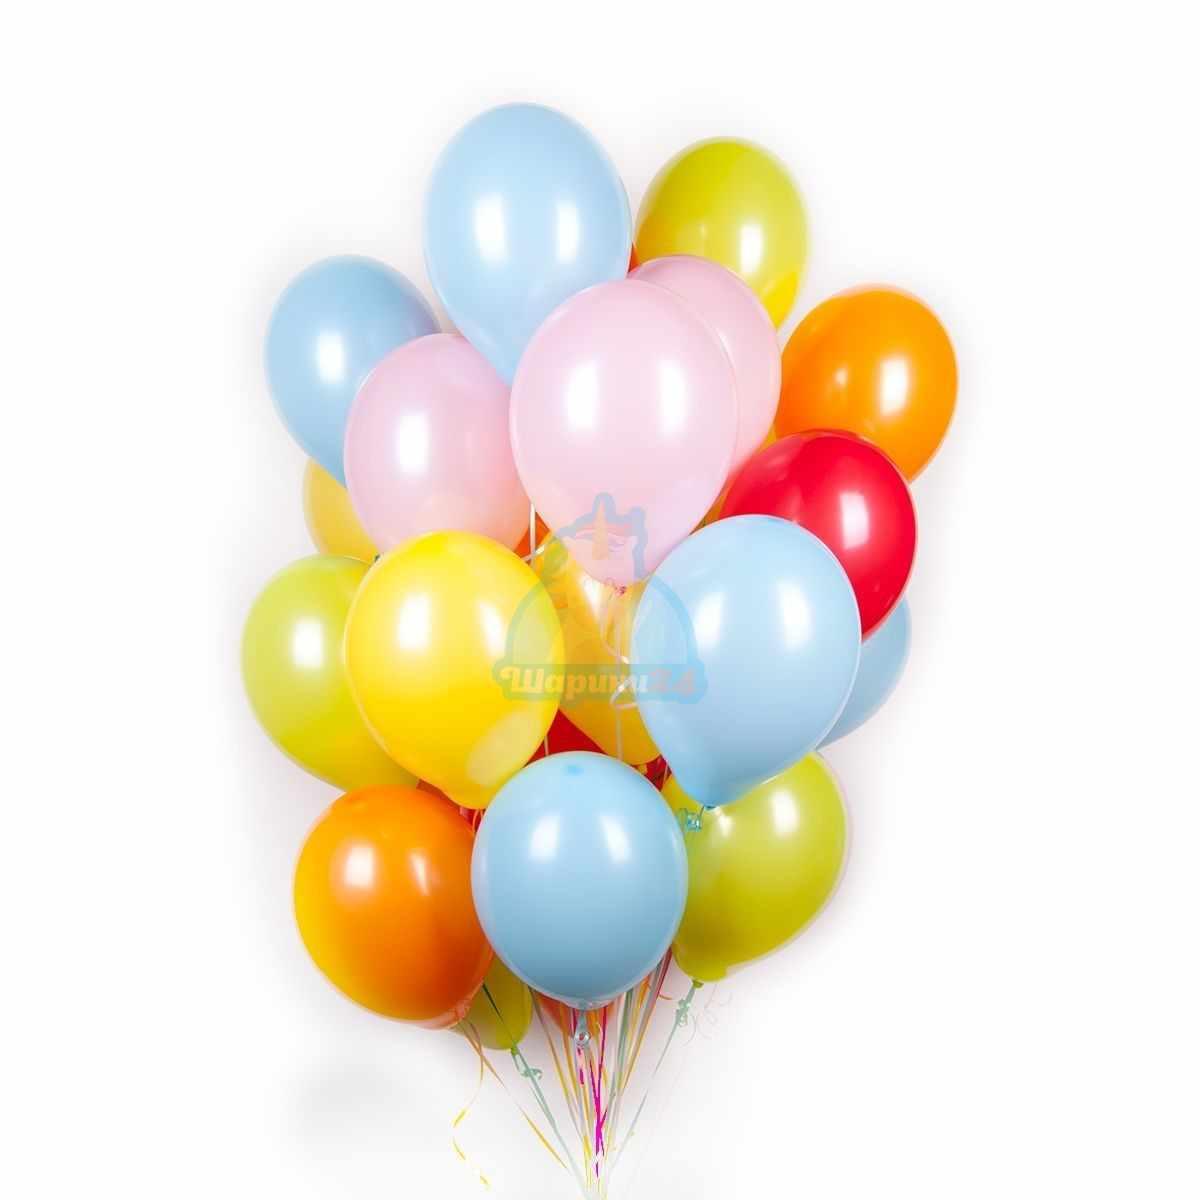 Разноцветные шарики пастель фото в интернет-магазине Шарики 24